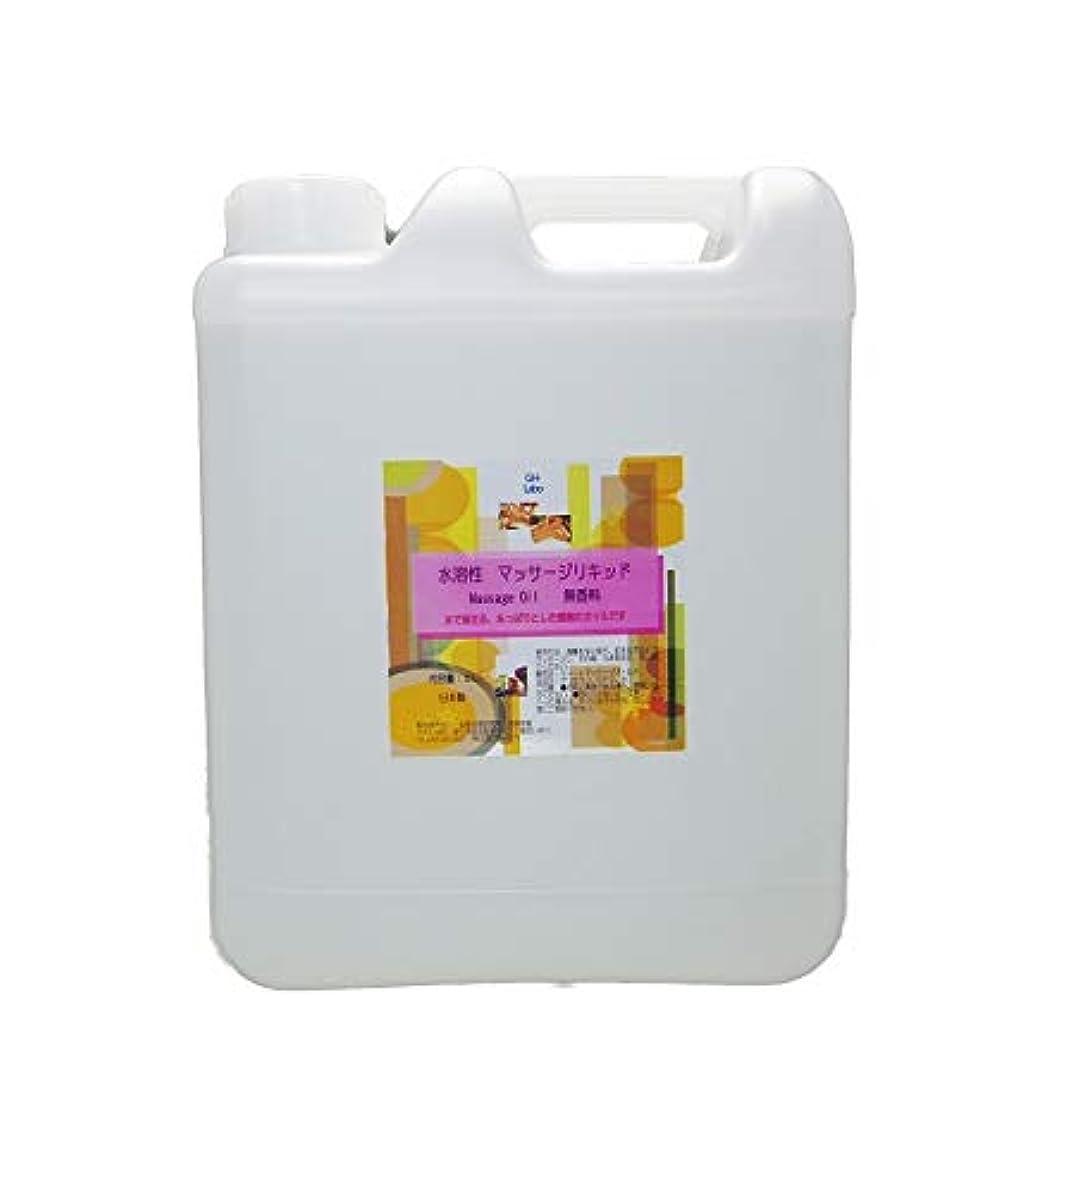 反発認可直接GH-Labo 水溶性マッサージリキッド(マッサージオイル) 5L